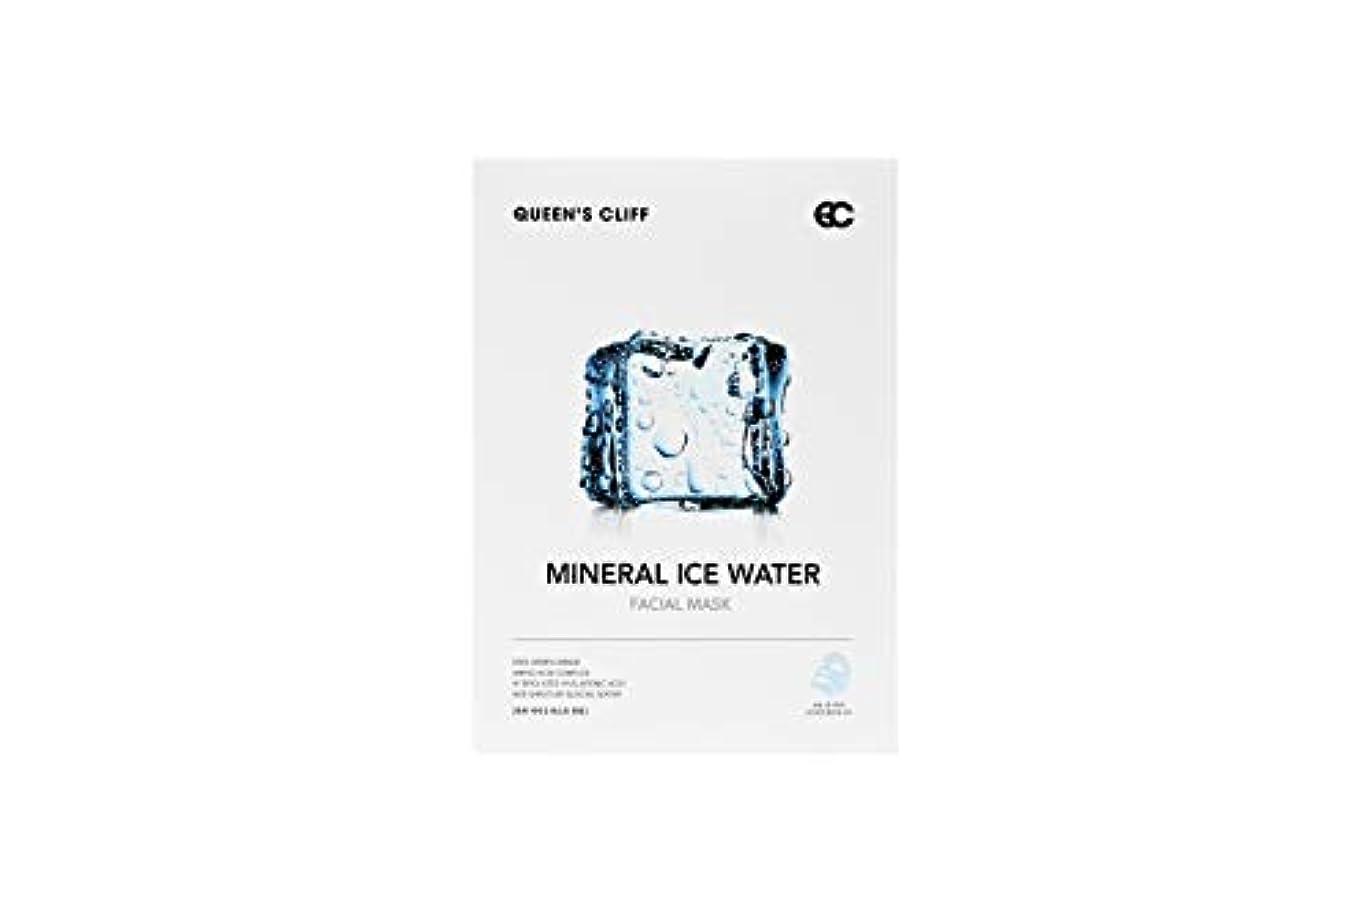 泣くスツール金属[QUEEN'SCLIFF] MINERAL ICE WATER FACIAL MASK 5 Sheets